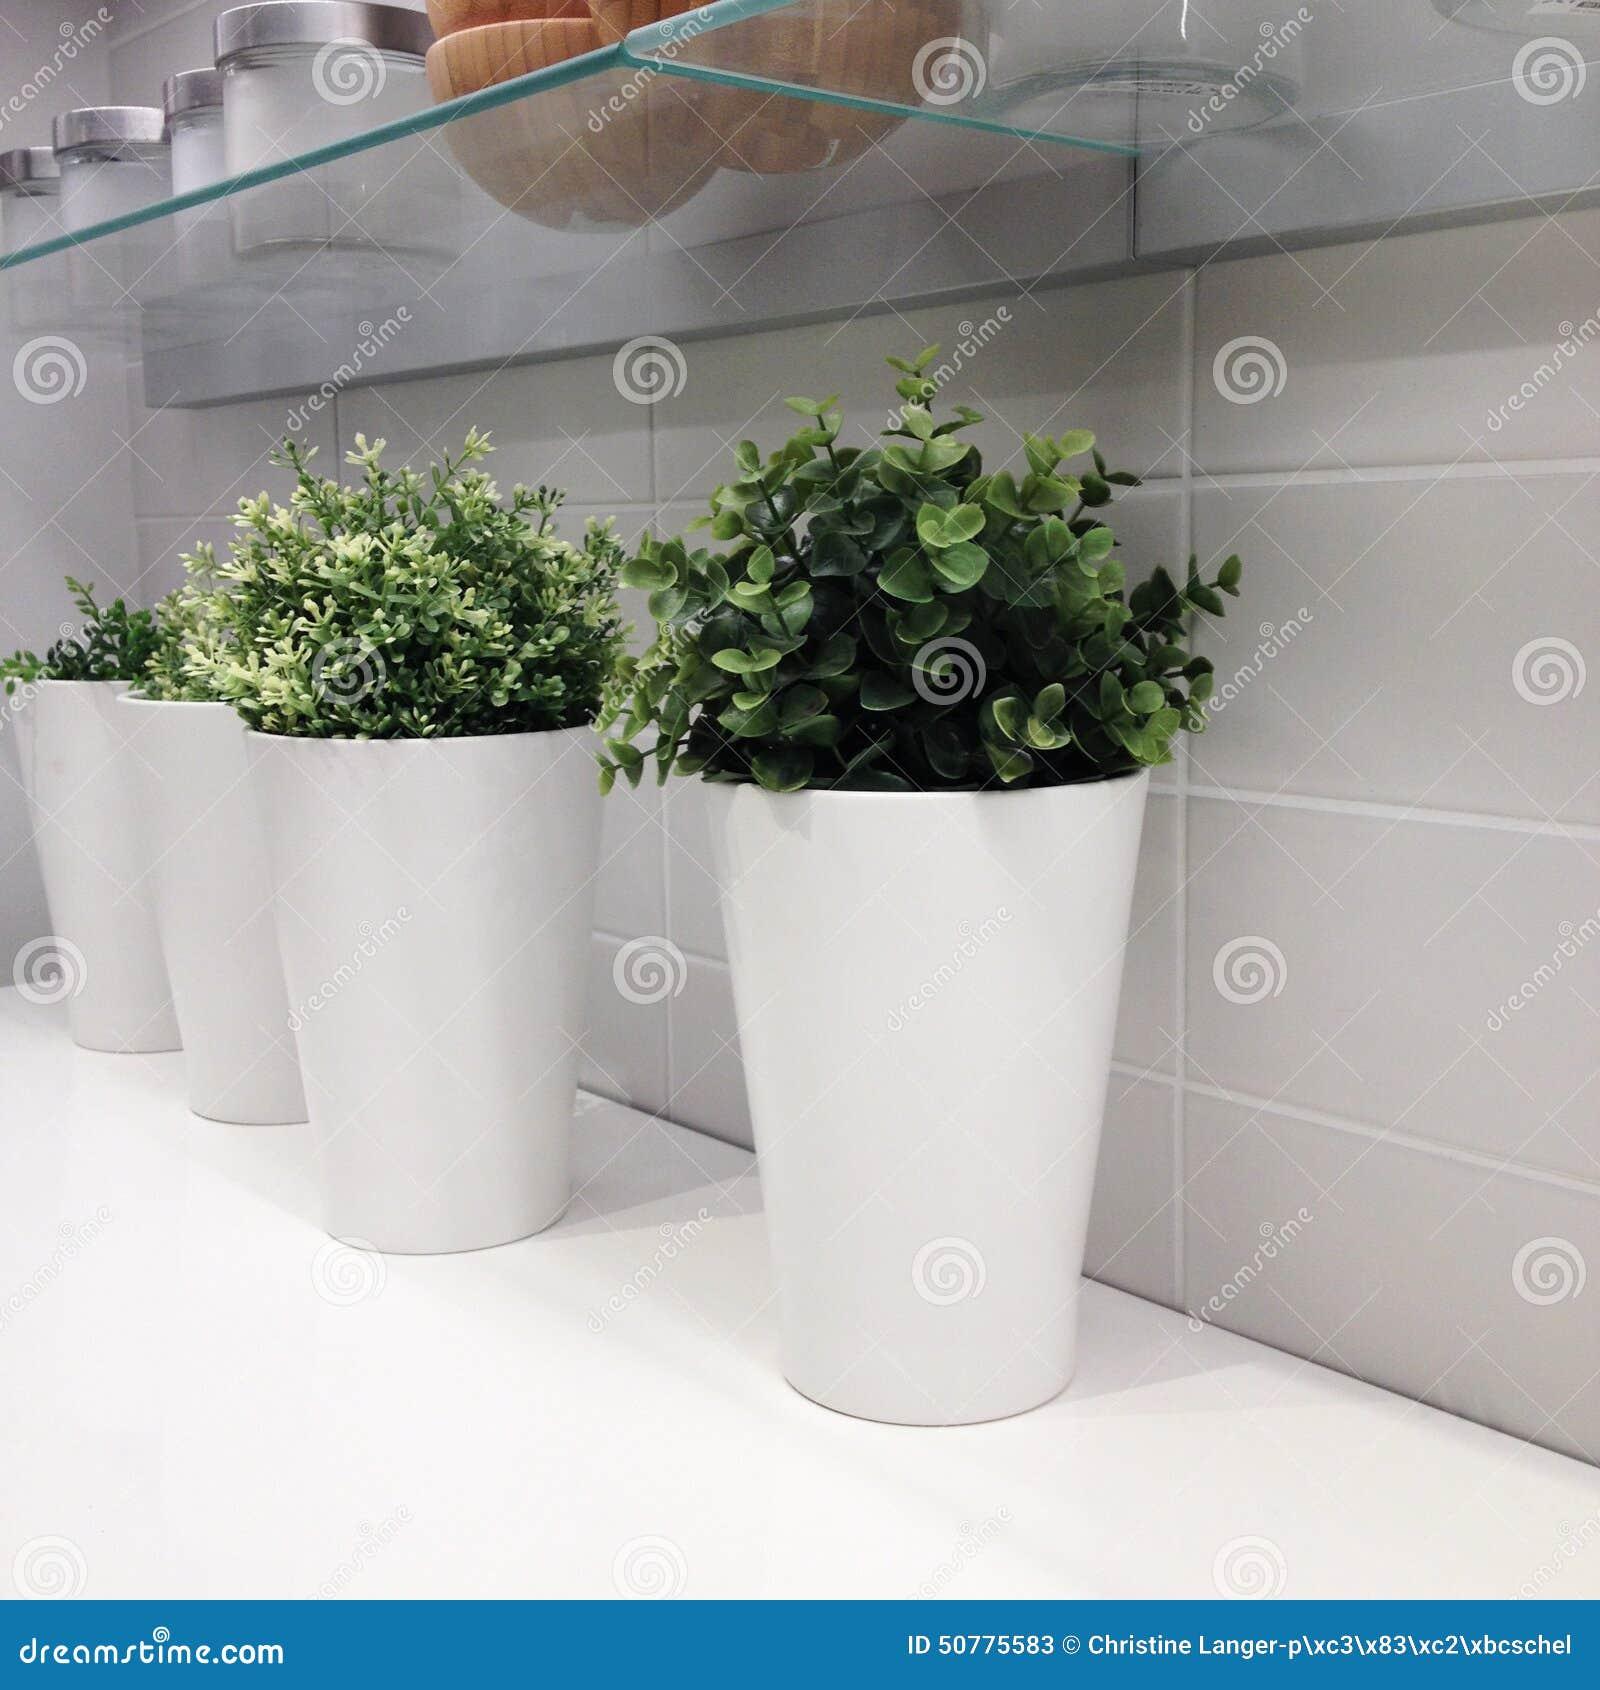 Vasi moderni bianchi pannelli termoisolanti - Coprivasi da interno ...